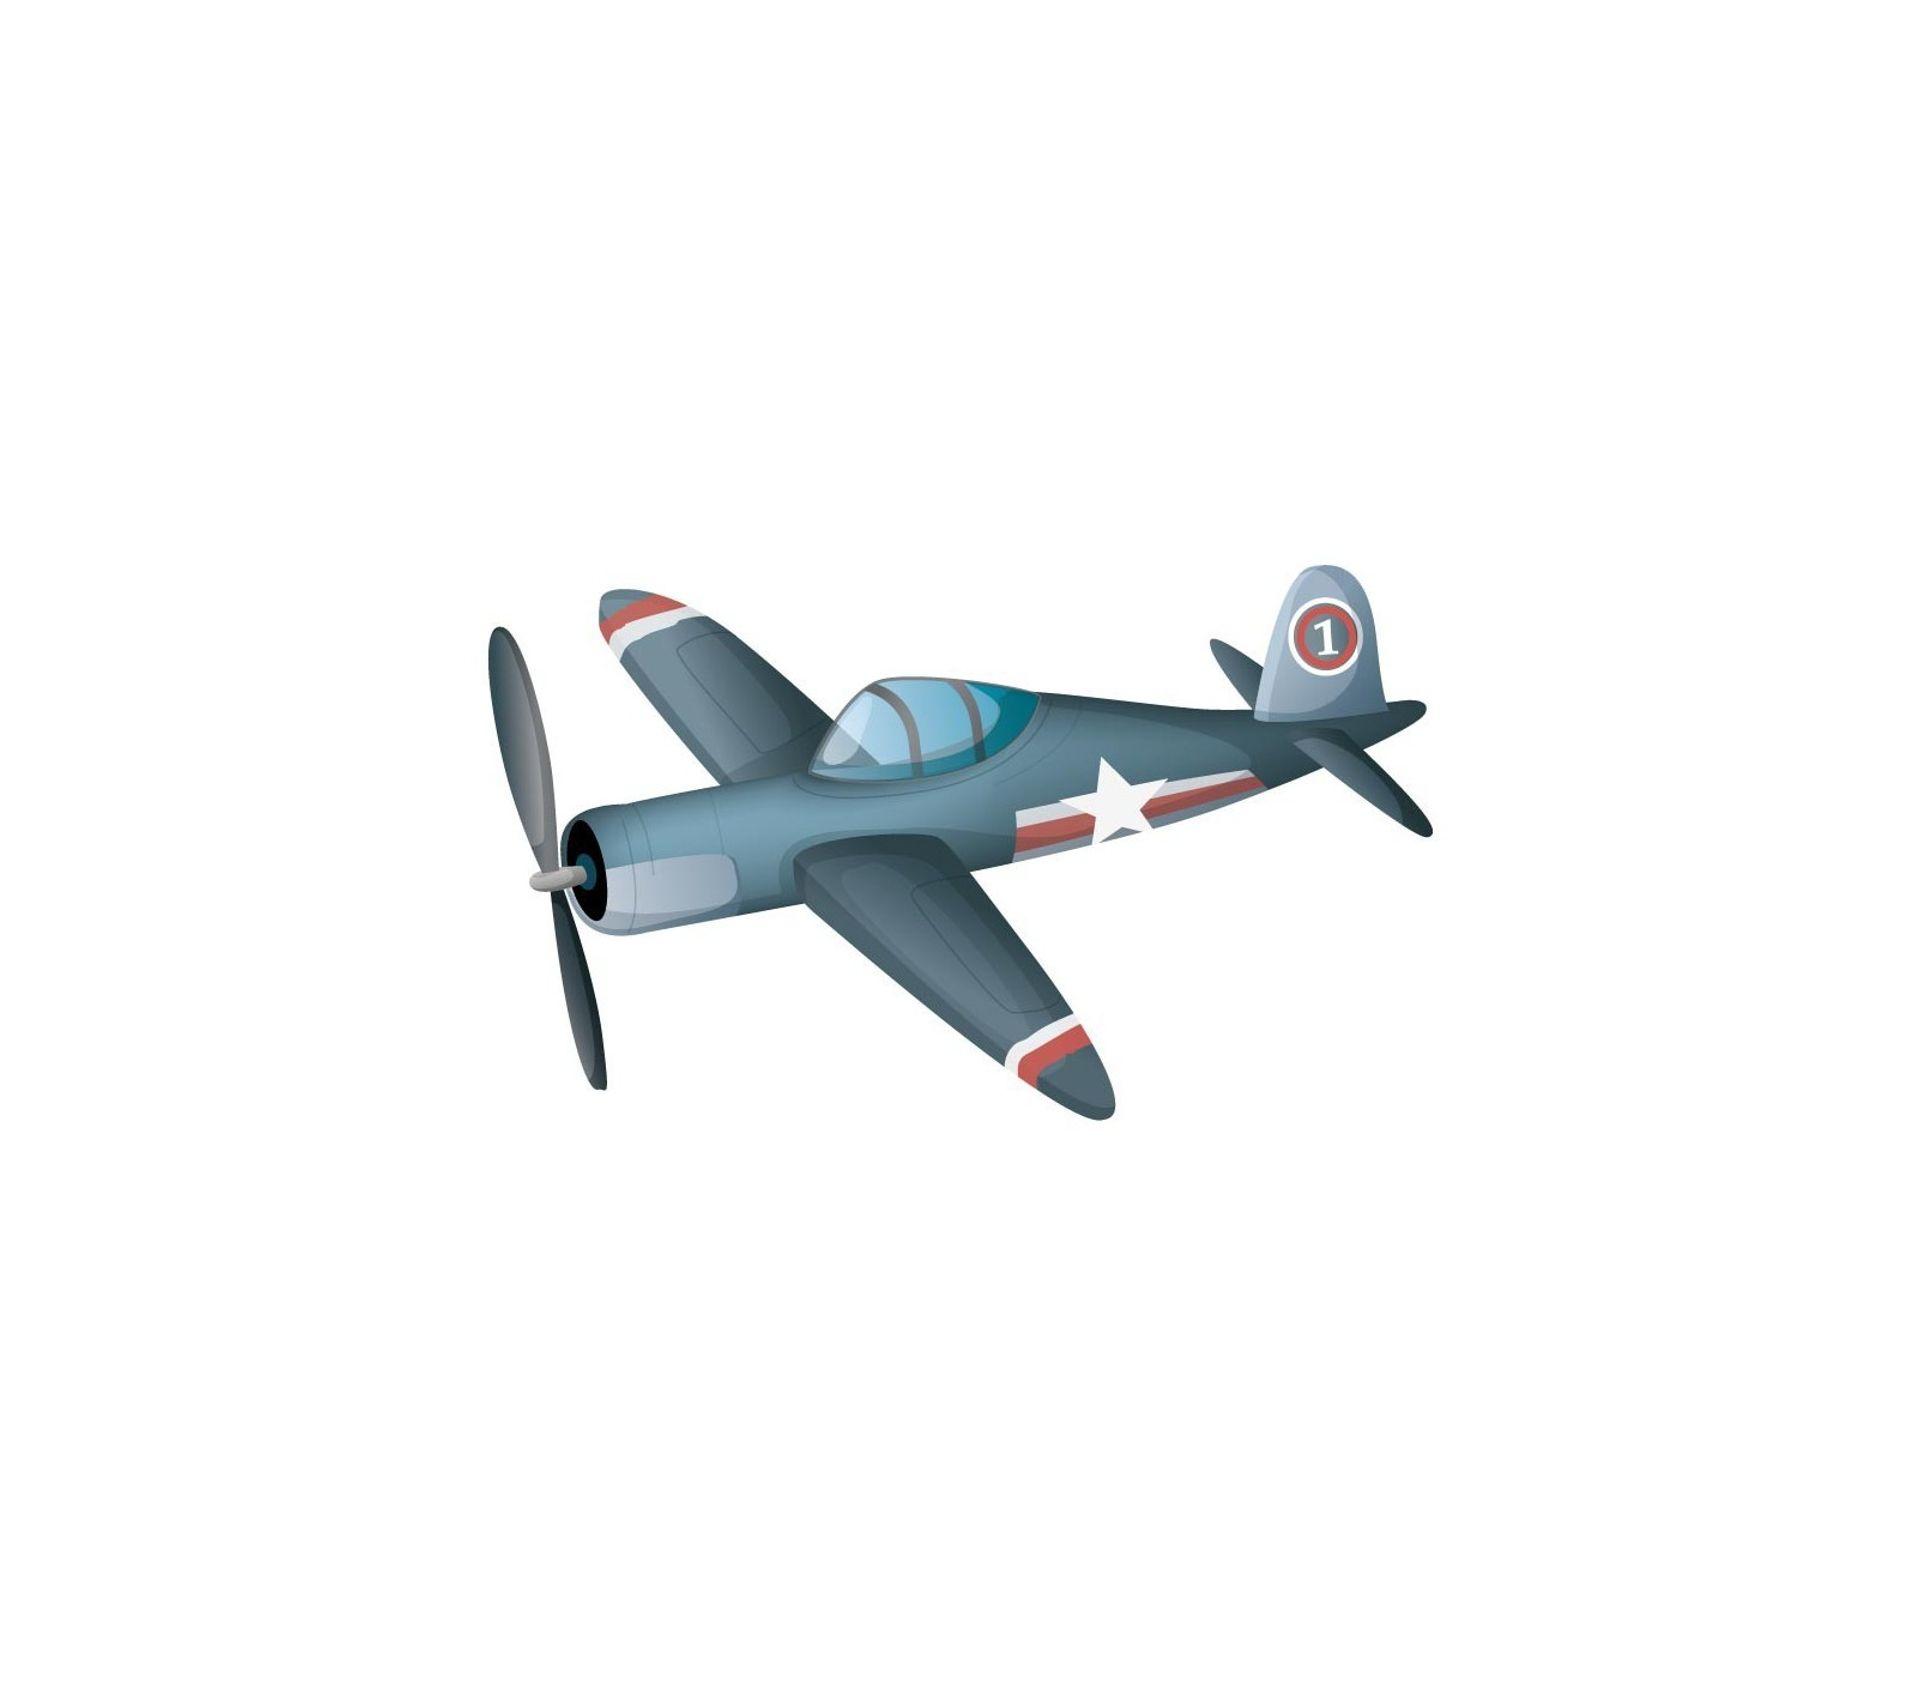 Etagere Avion Chambre Bebe sticker enfant : avion de chasse - format : 35 x 21 cm